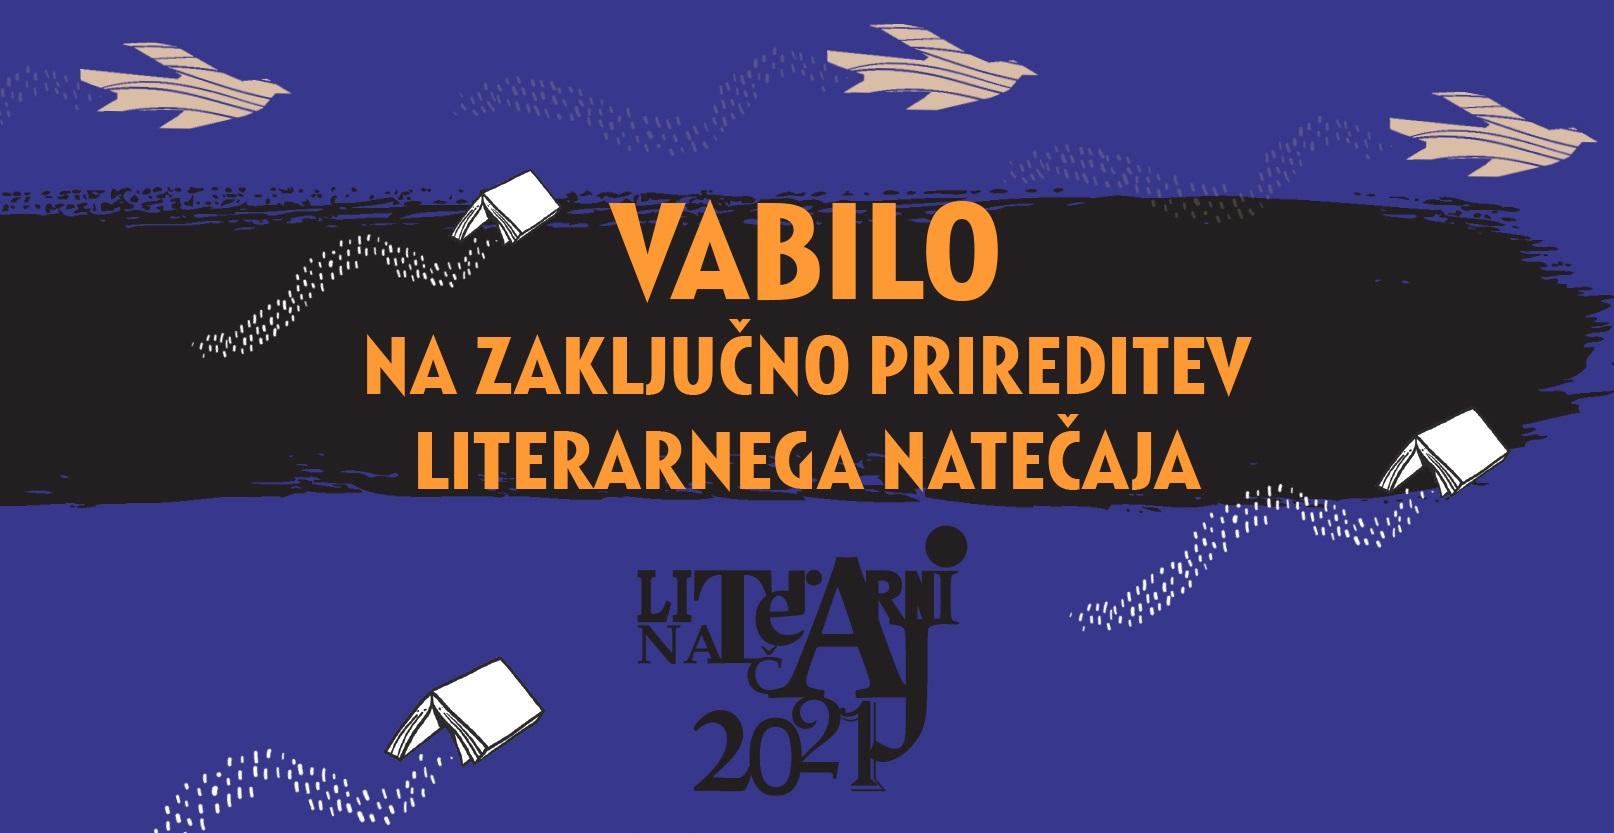 Natečaj Bodi pisatelj/pisateljica 2021